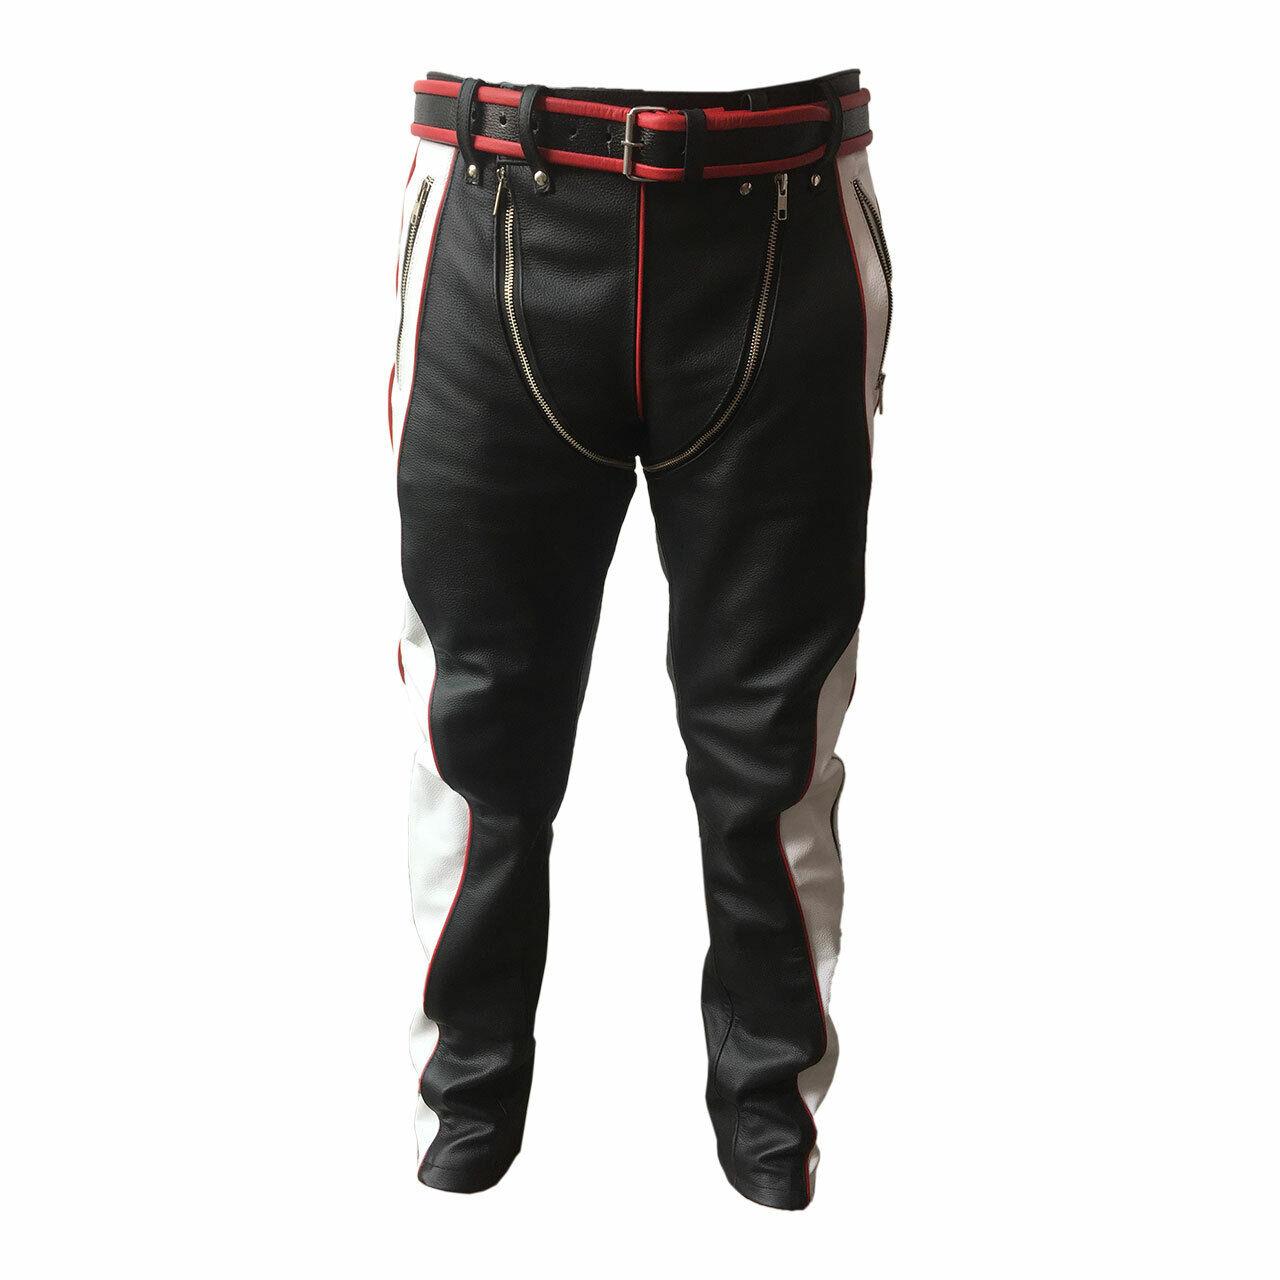 Para Hombre Bondage Pantalones Negro Rojo  Y blancoo De Cuero Heavy Duty Jeans  increíbles descuentos